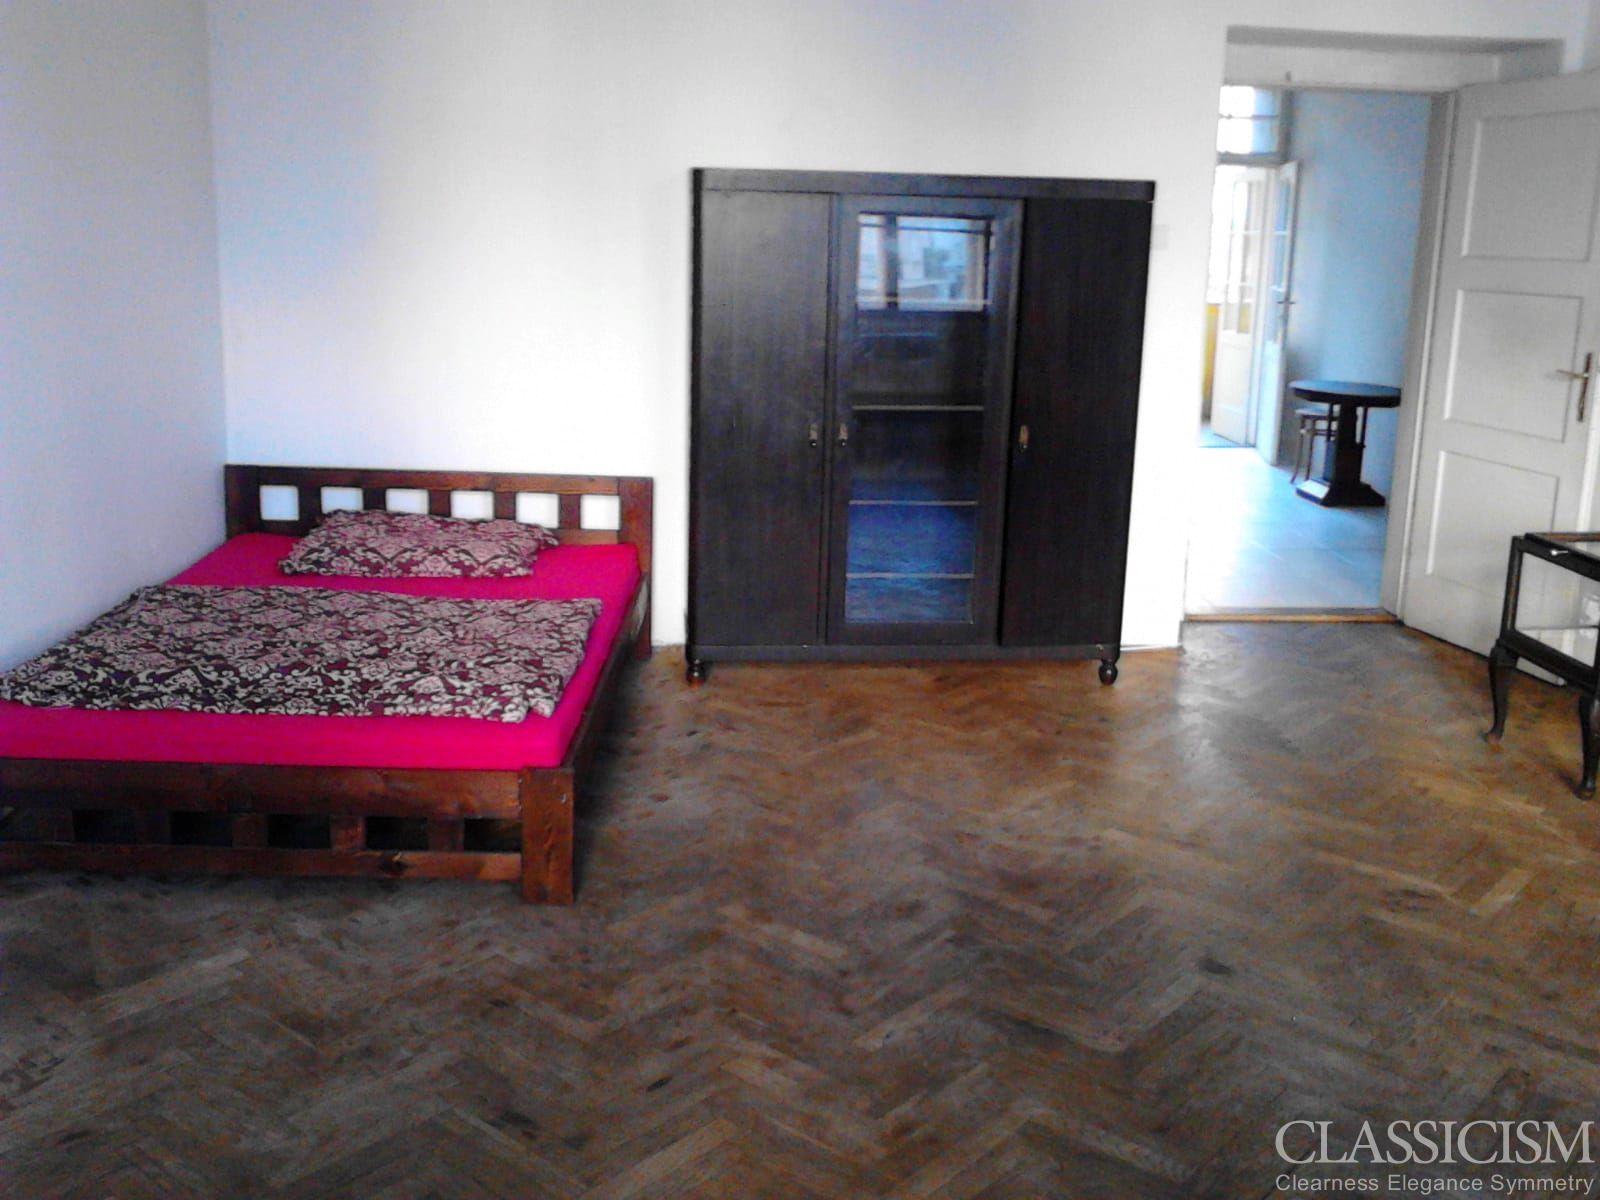 Pronájem bytu 2+1, 74 m2 + lodžie, ul. Orelská, Vršovice - Praha 10